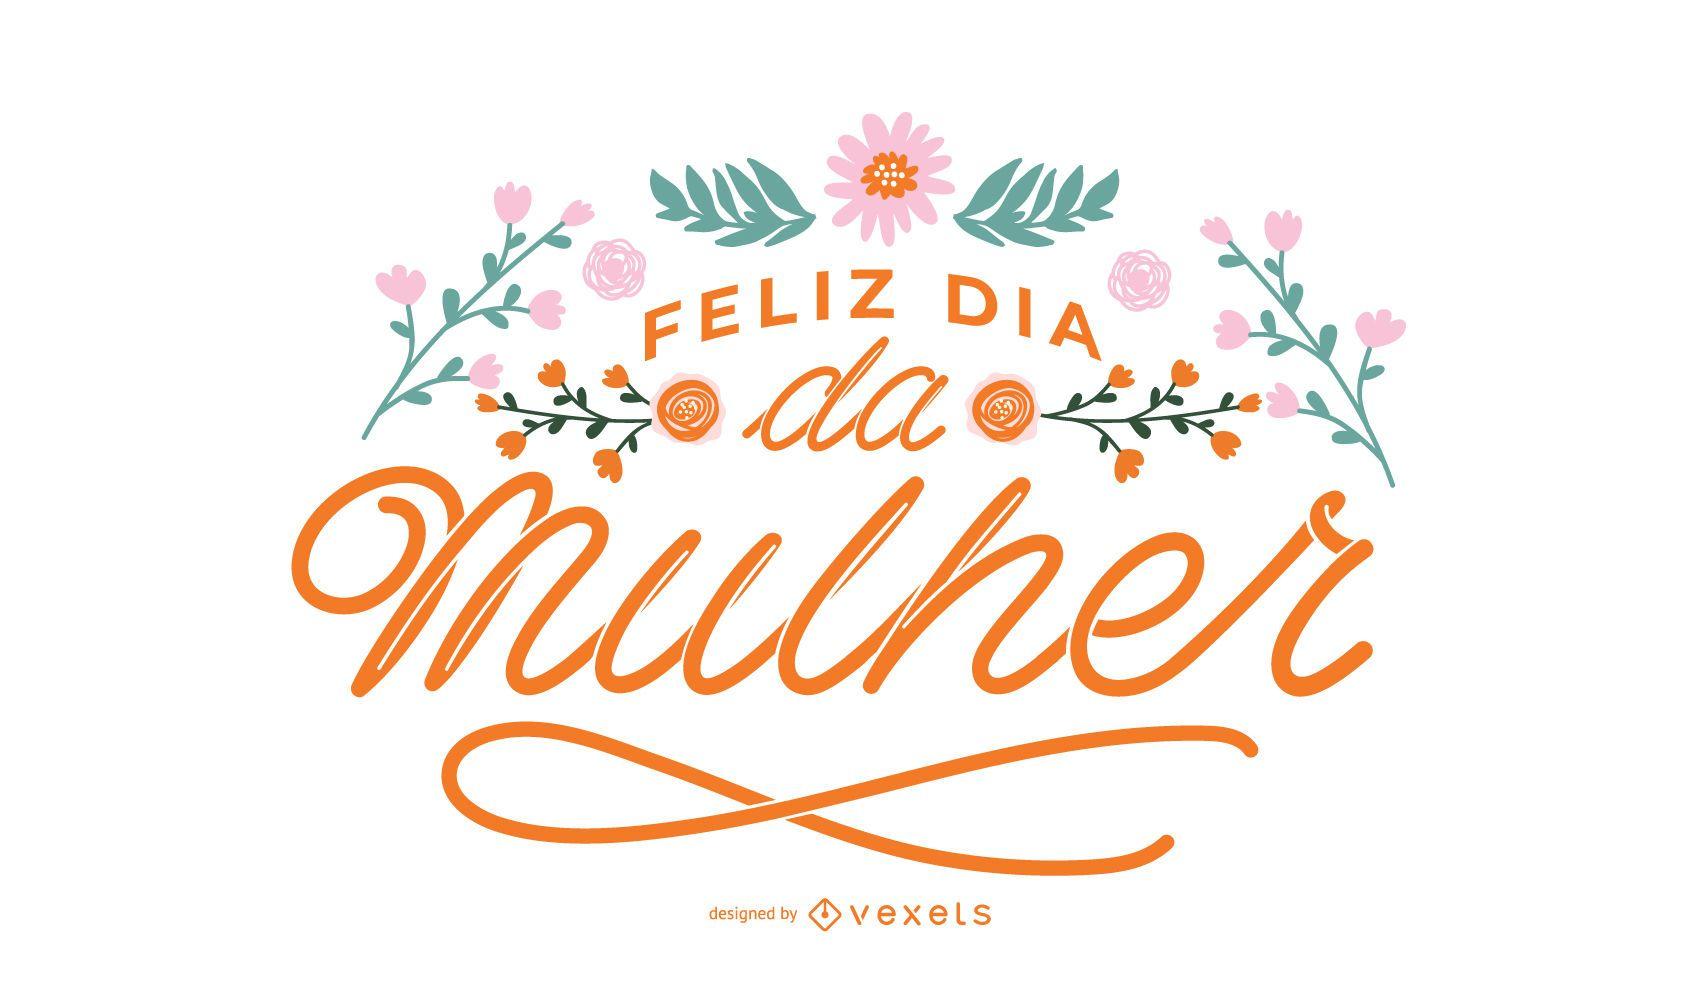 Feliz dia da mulher letras em portugu?s